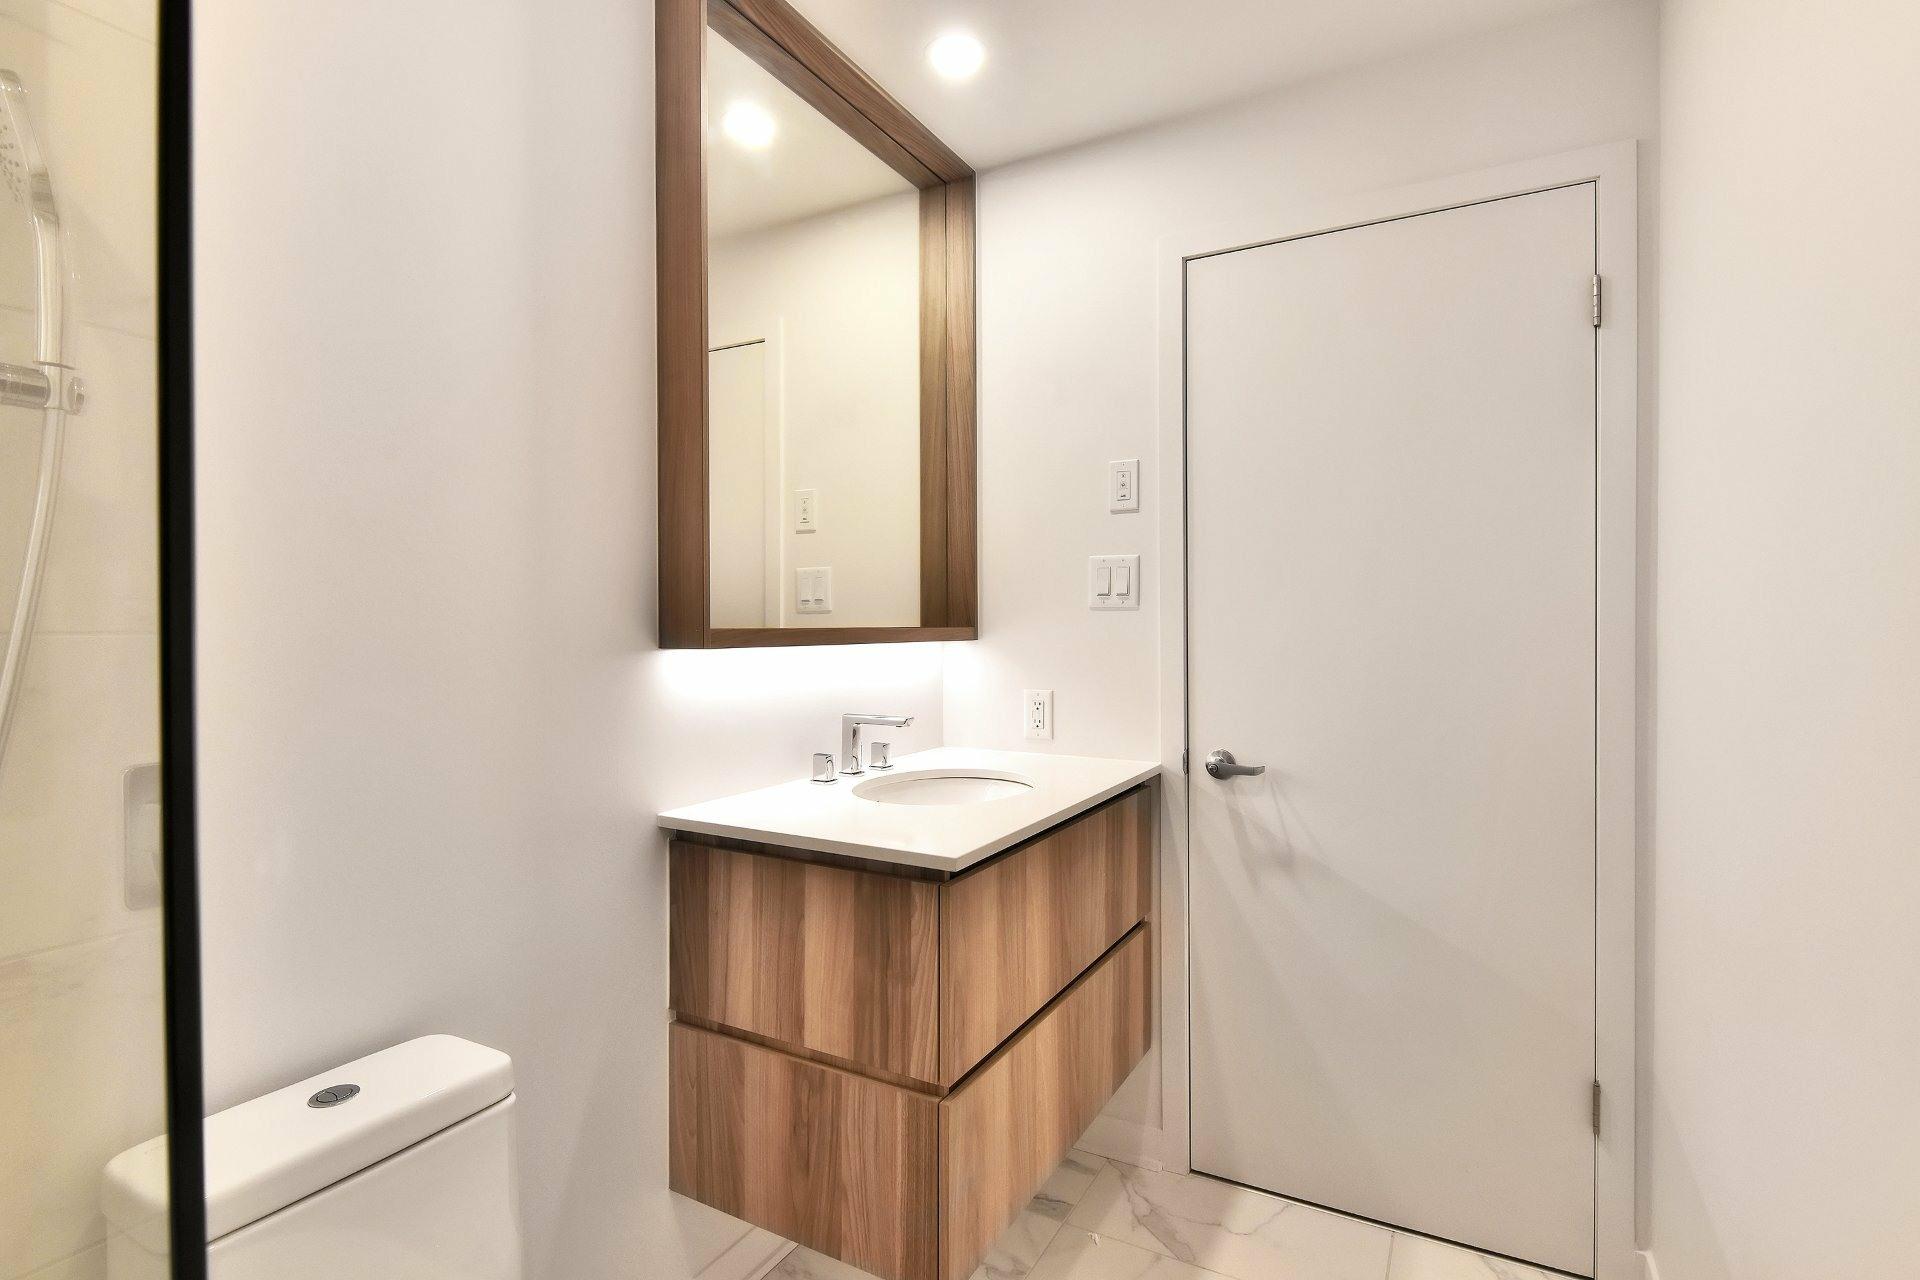 image 12 - Appartement À louer Brossard - 4 pièces